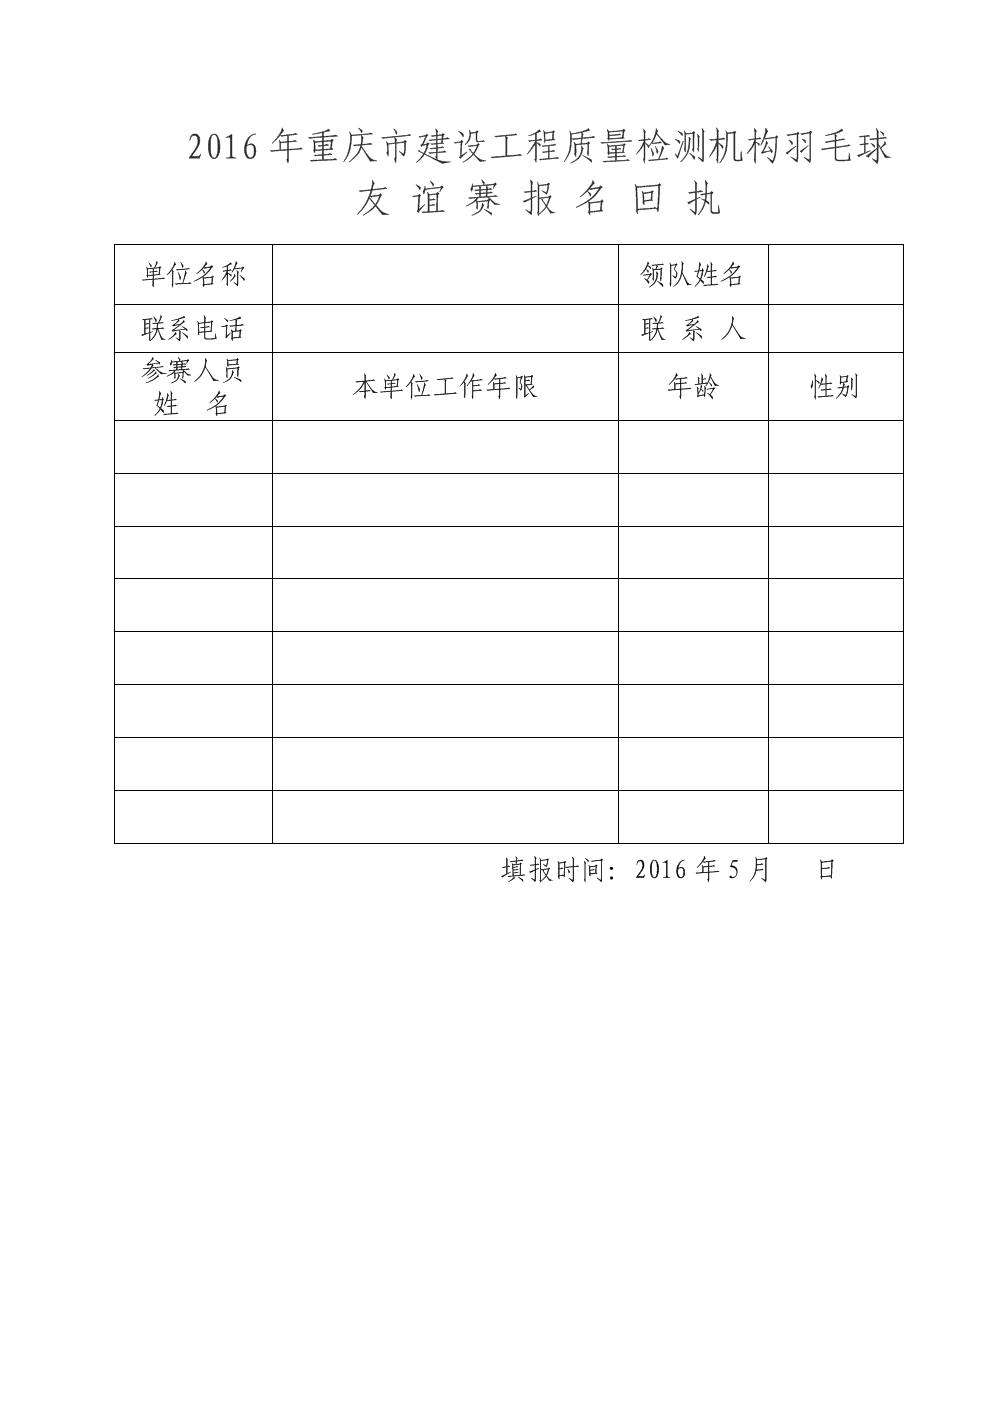 2016年重庆建设工程质量检测机构羽毛球.doc